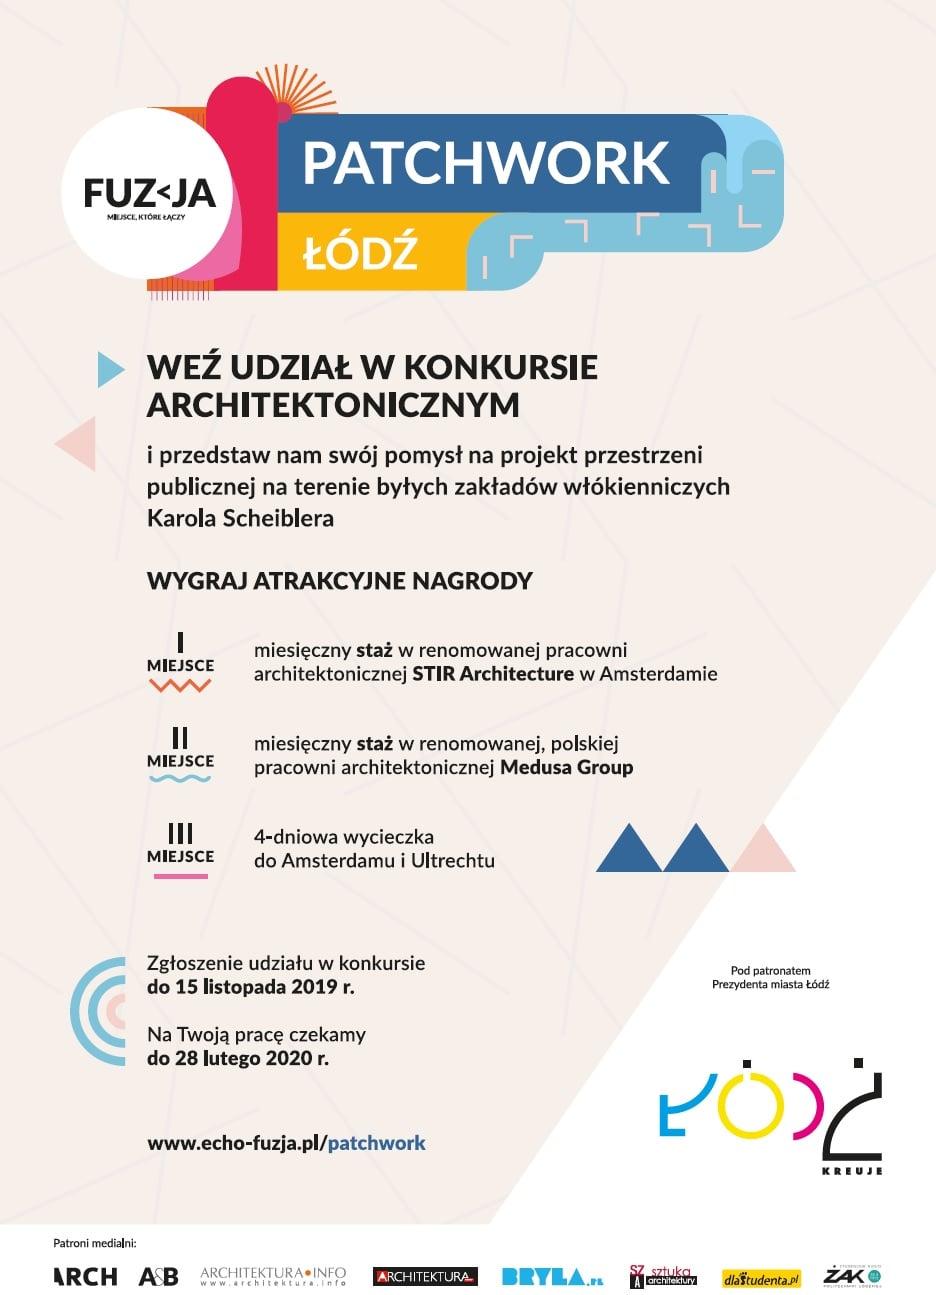 Pakat konkursu Patchwork Łódź